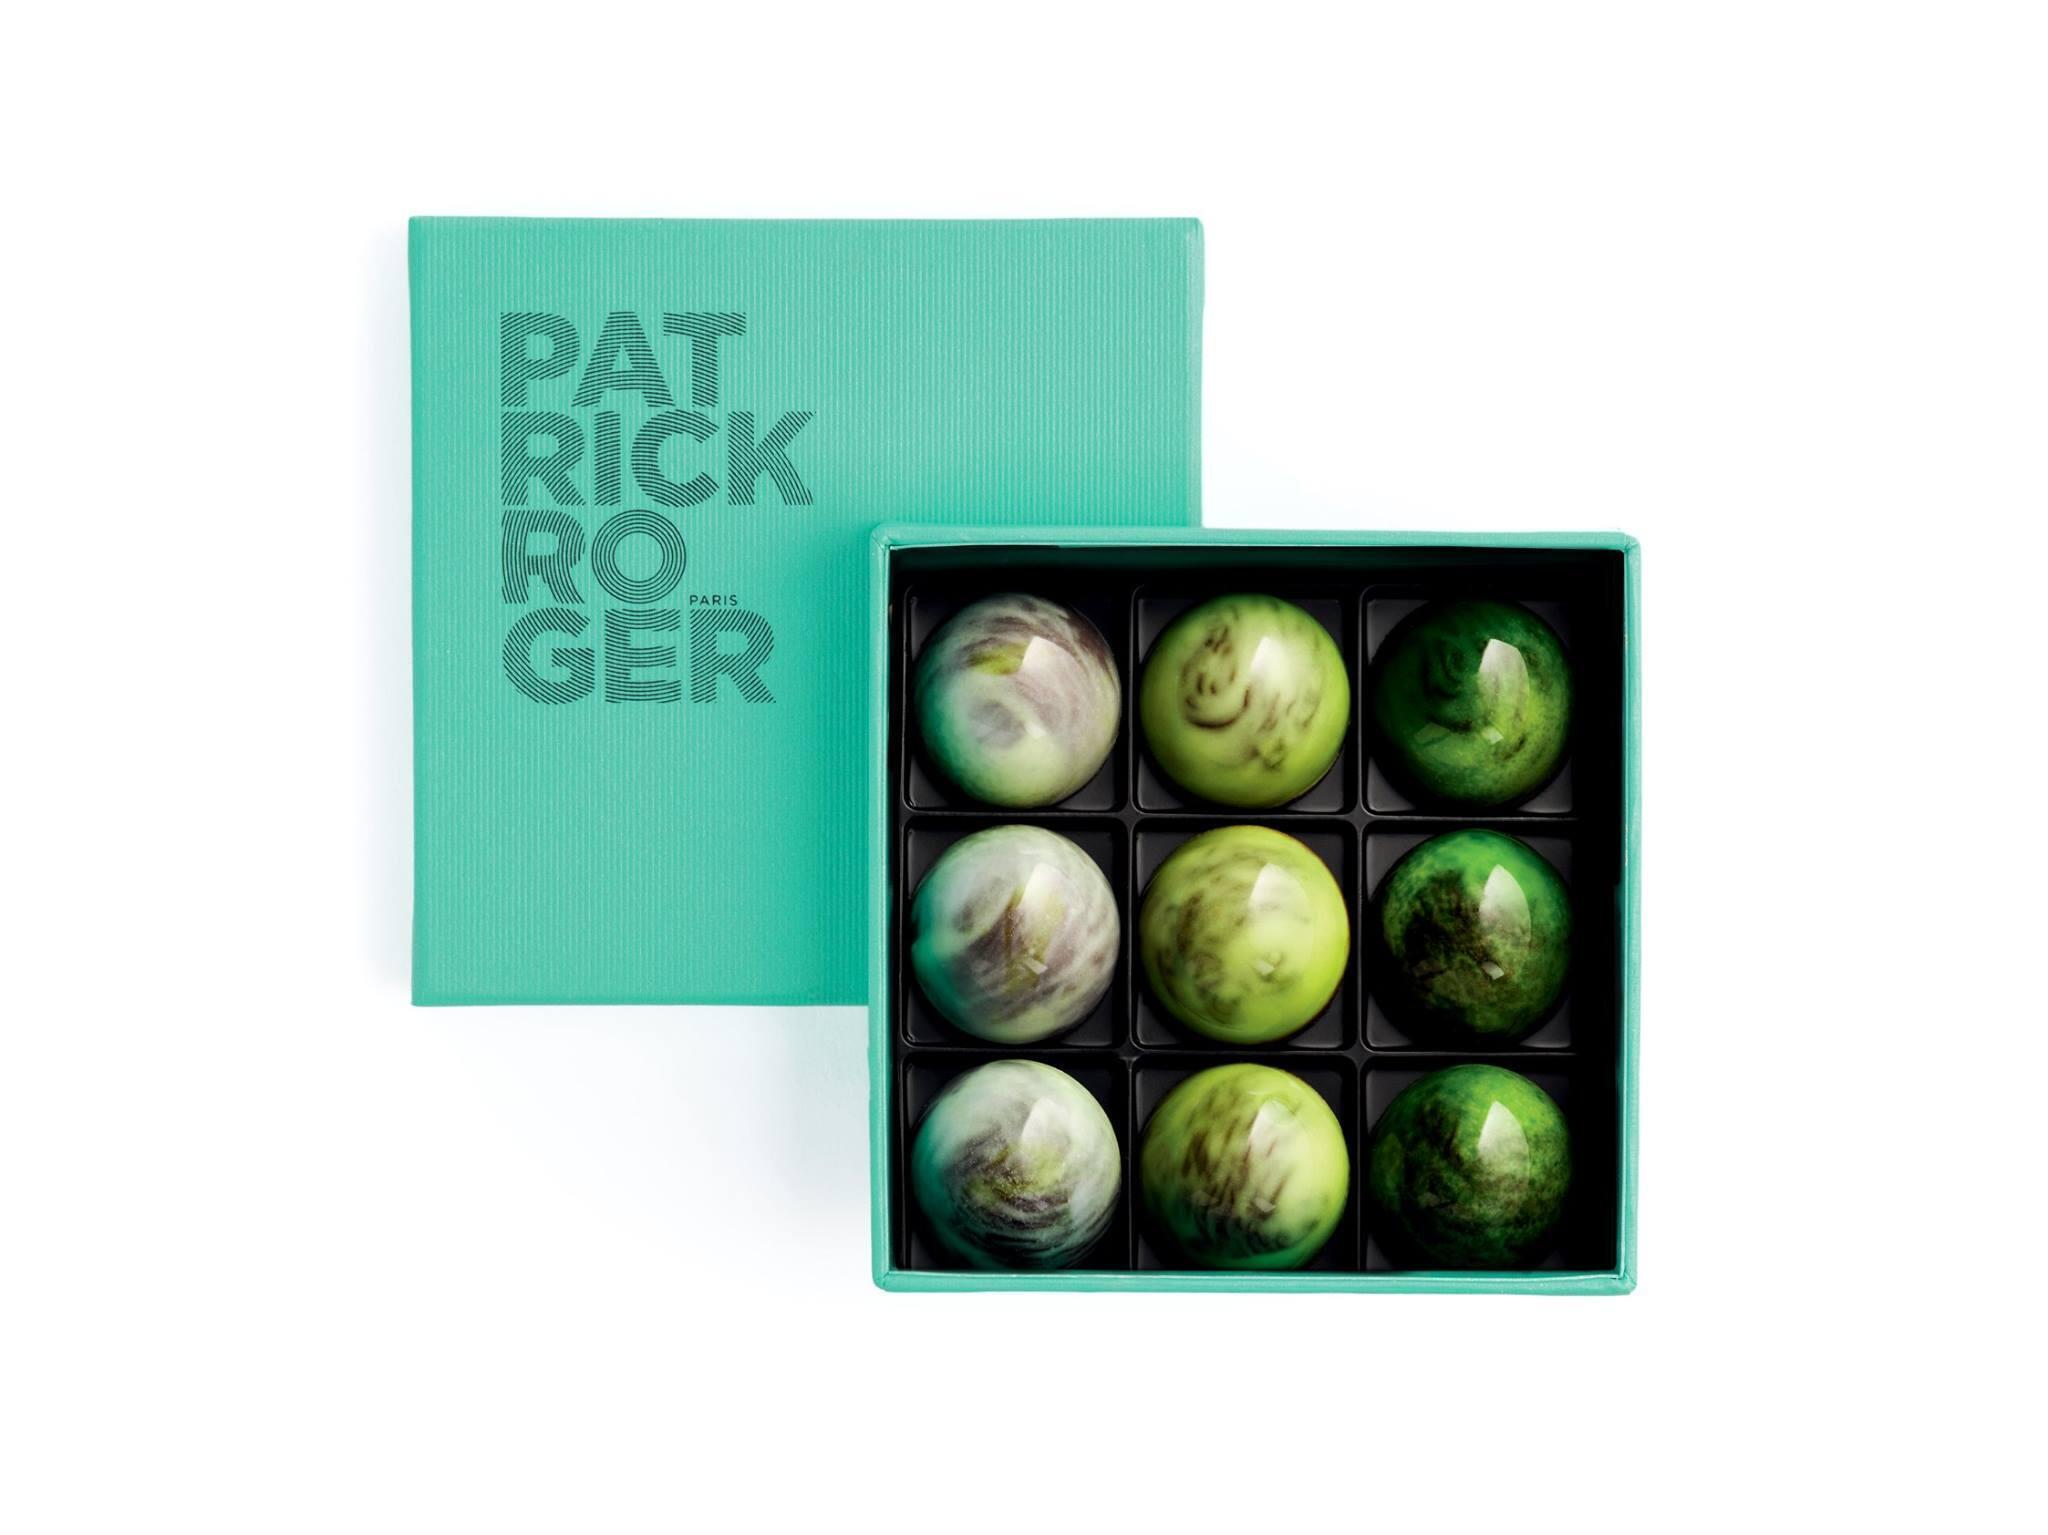 """""""Amazone"""", viên kẹo hình bán nguyệt có mầu xanh như ngọc, dấu ấn của Patrick Roger."""